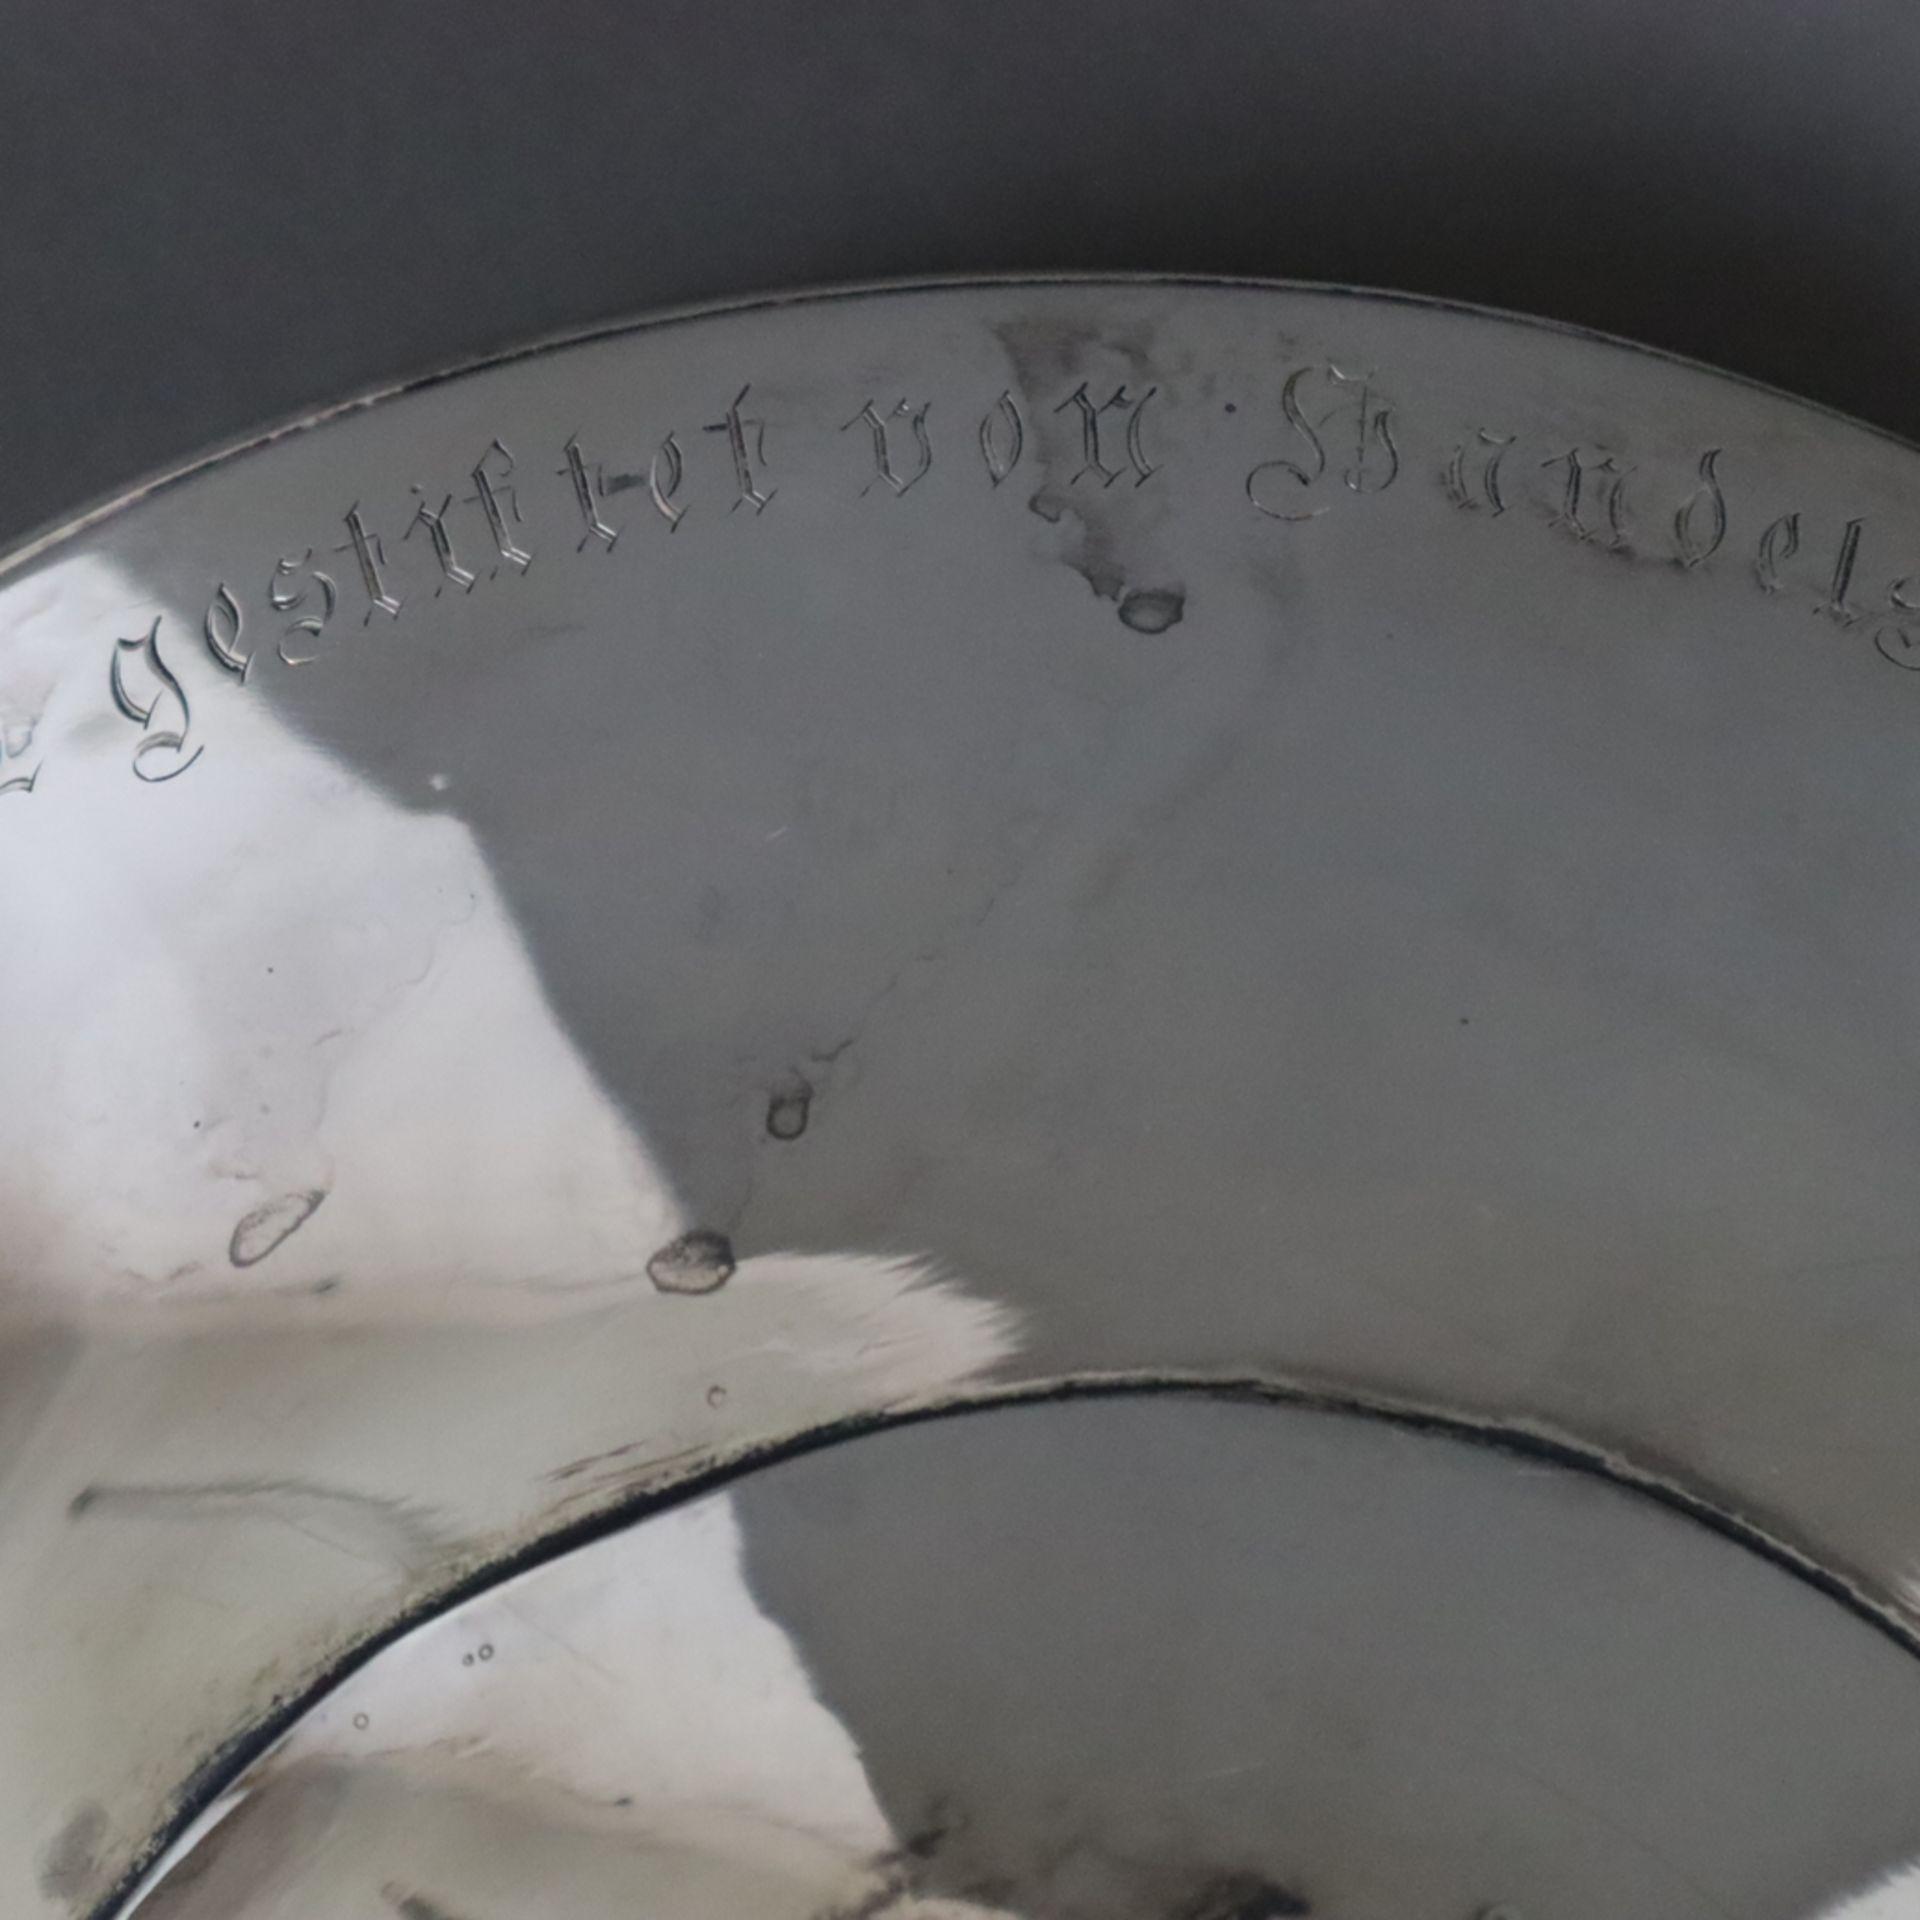 """Silber-Tafelaufsatz -deutsch, datiert 1912, umlaufende Stiftungsinschrift """"Zur Allgemeinen Deutsche - Image 11 of 12"""